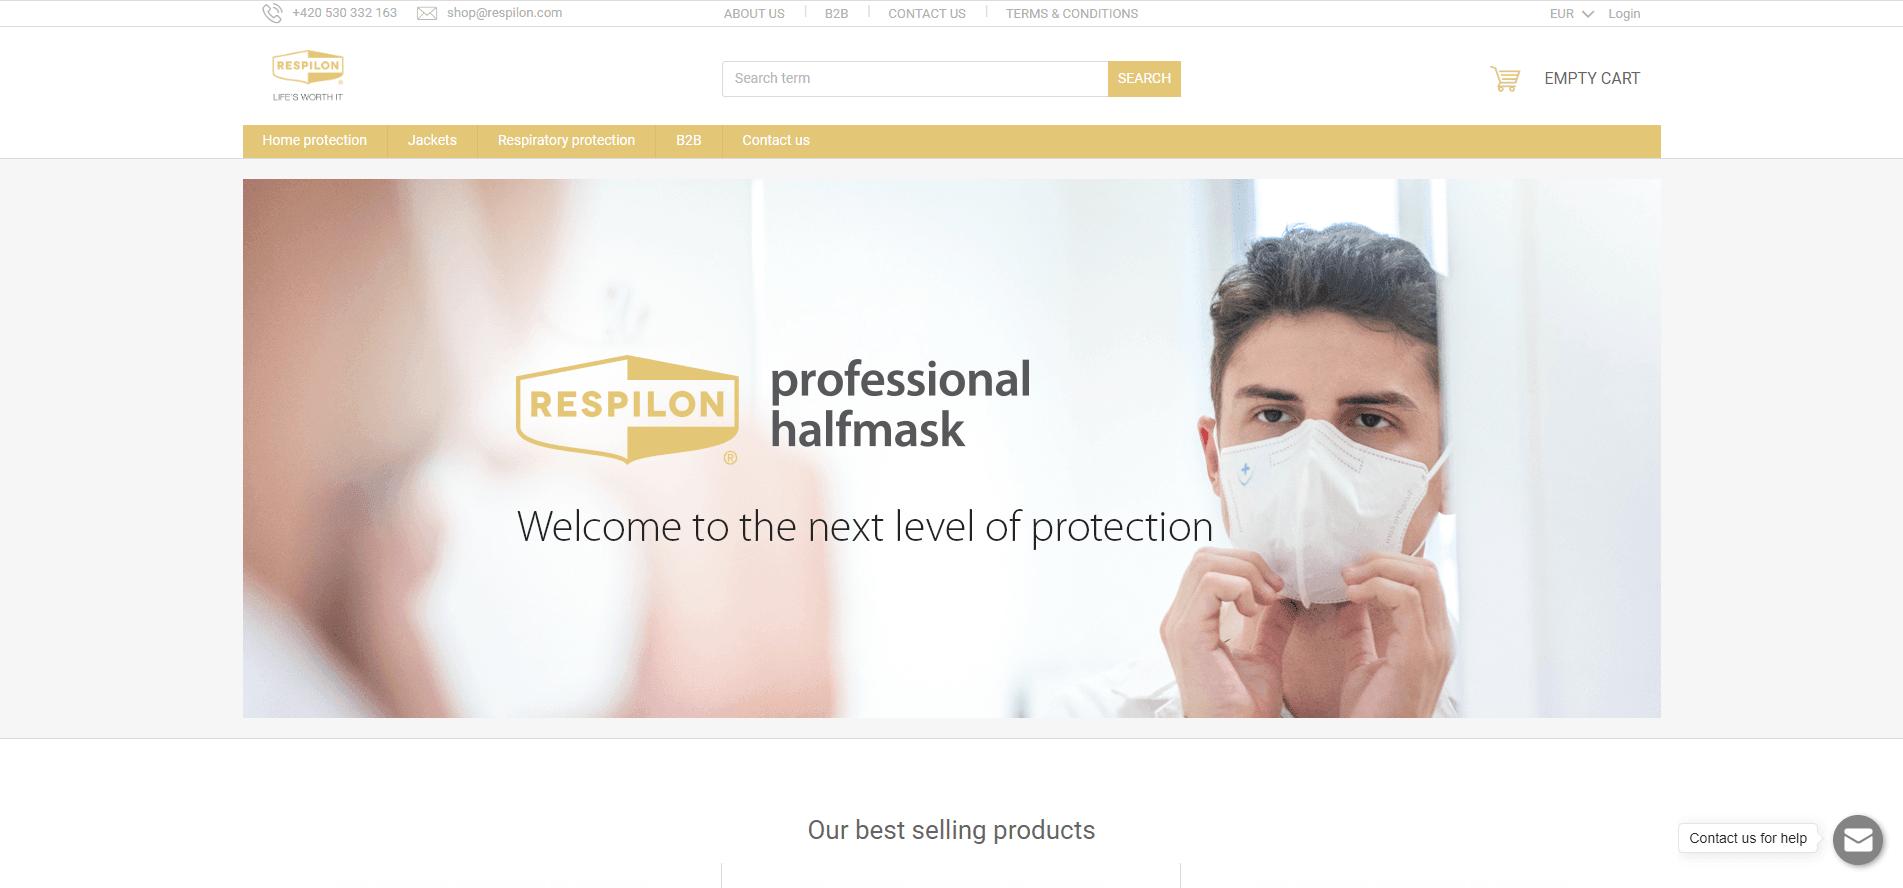 Покупка на RESPILON с доставкой в Казахстан ✔️ myMeest - 3